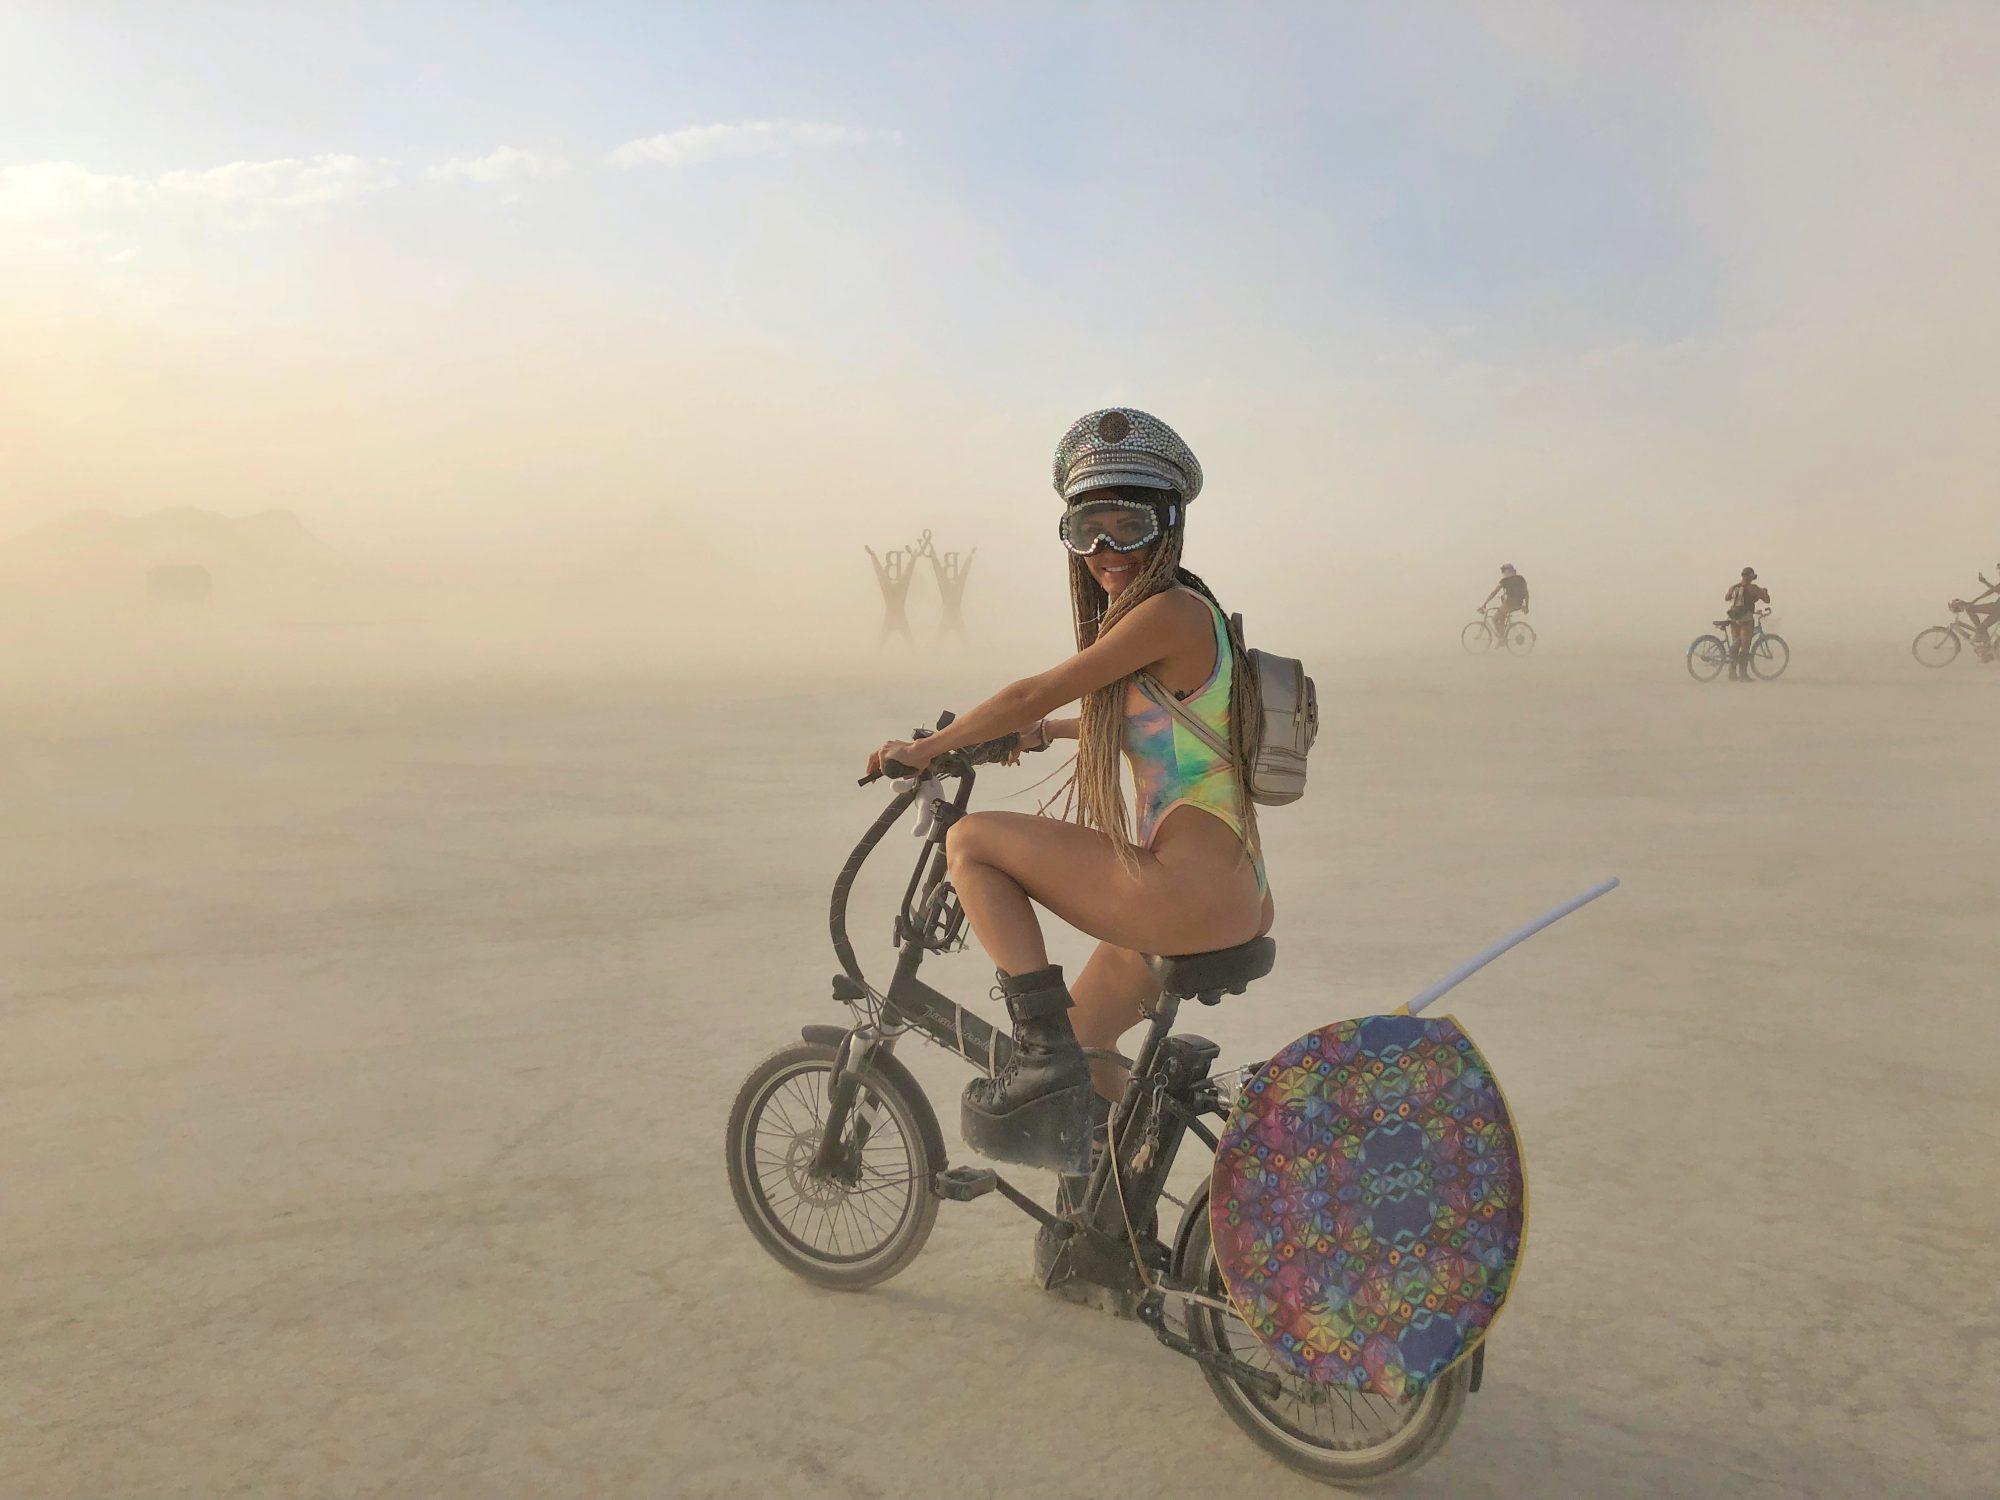 Biking around the playa at Burning Man